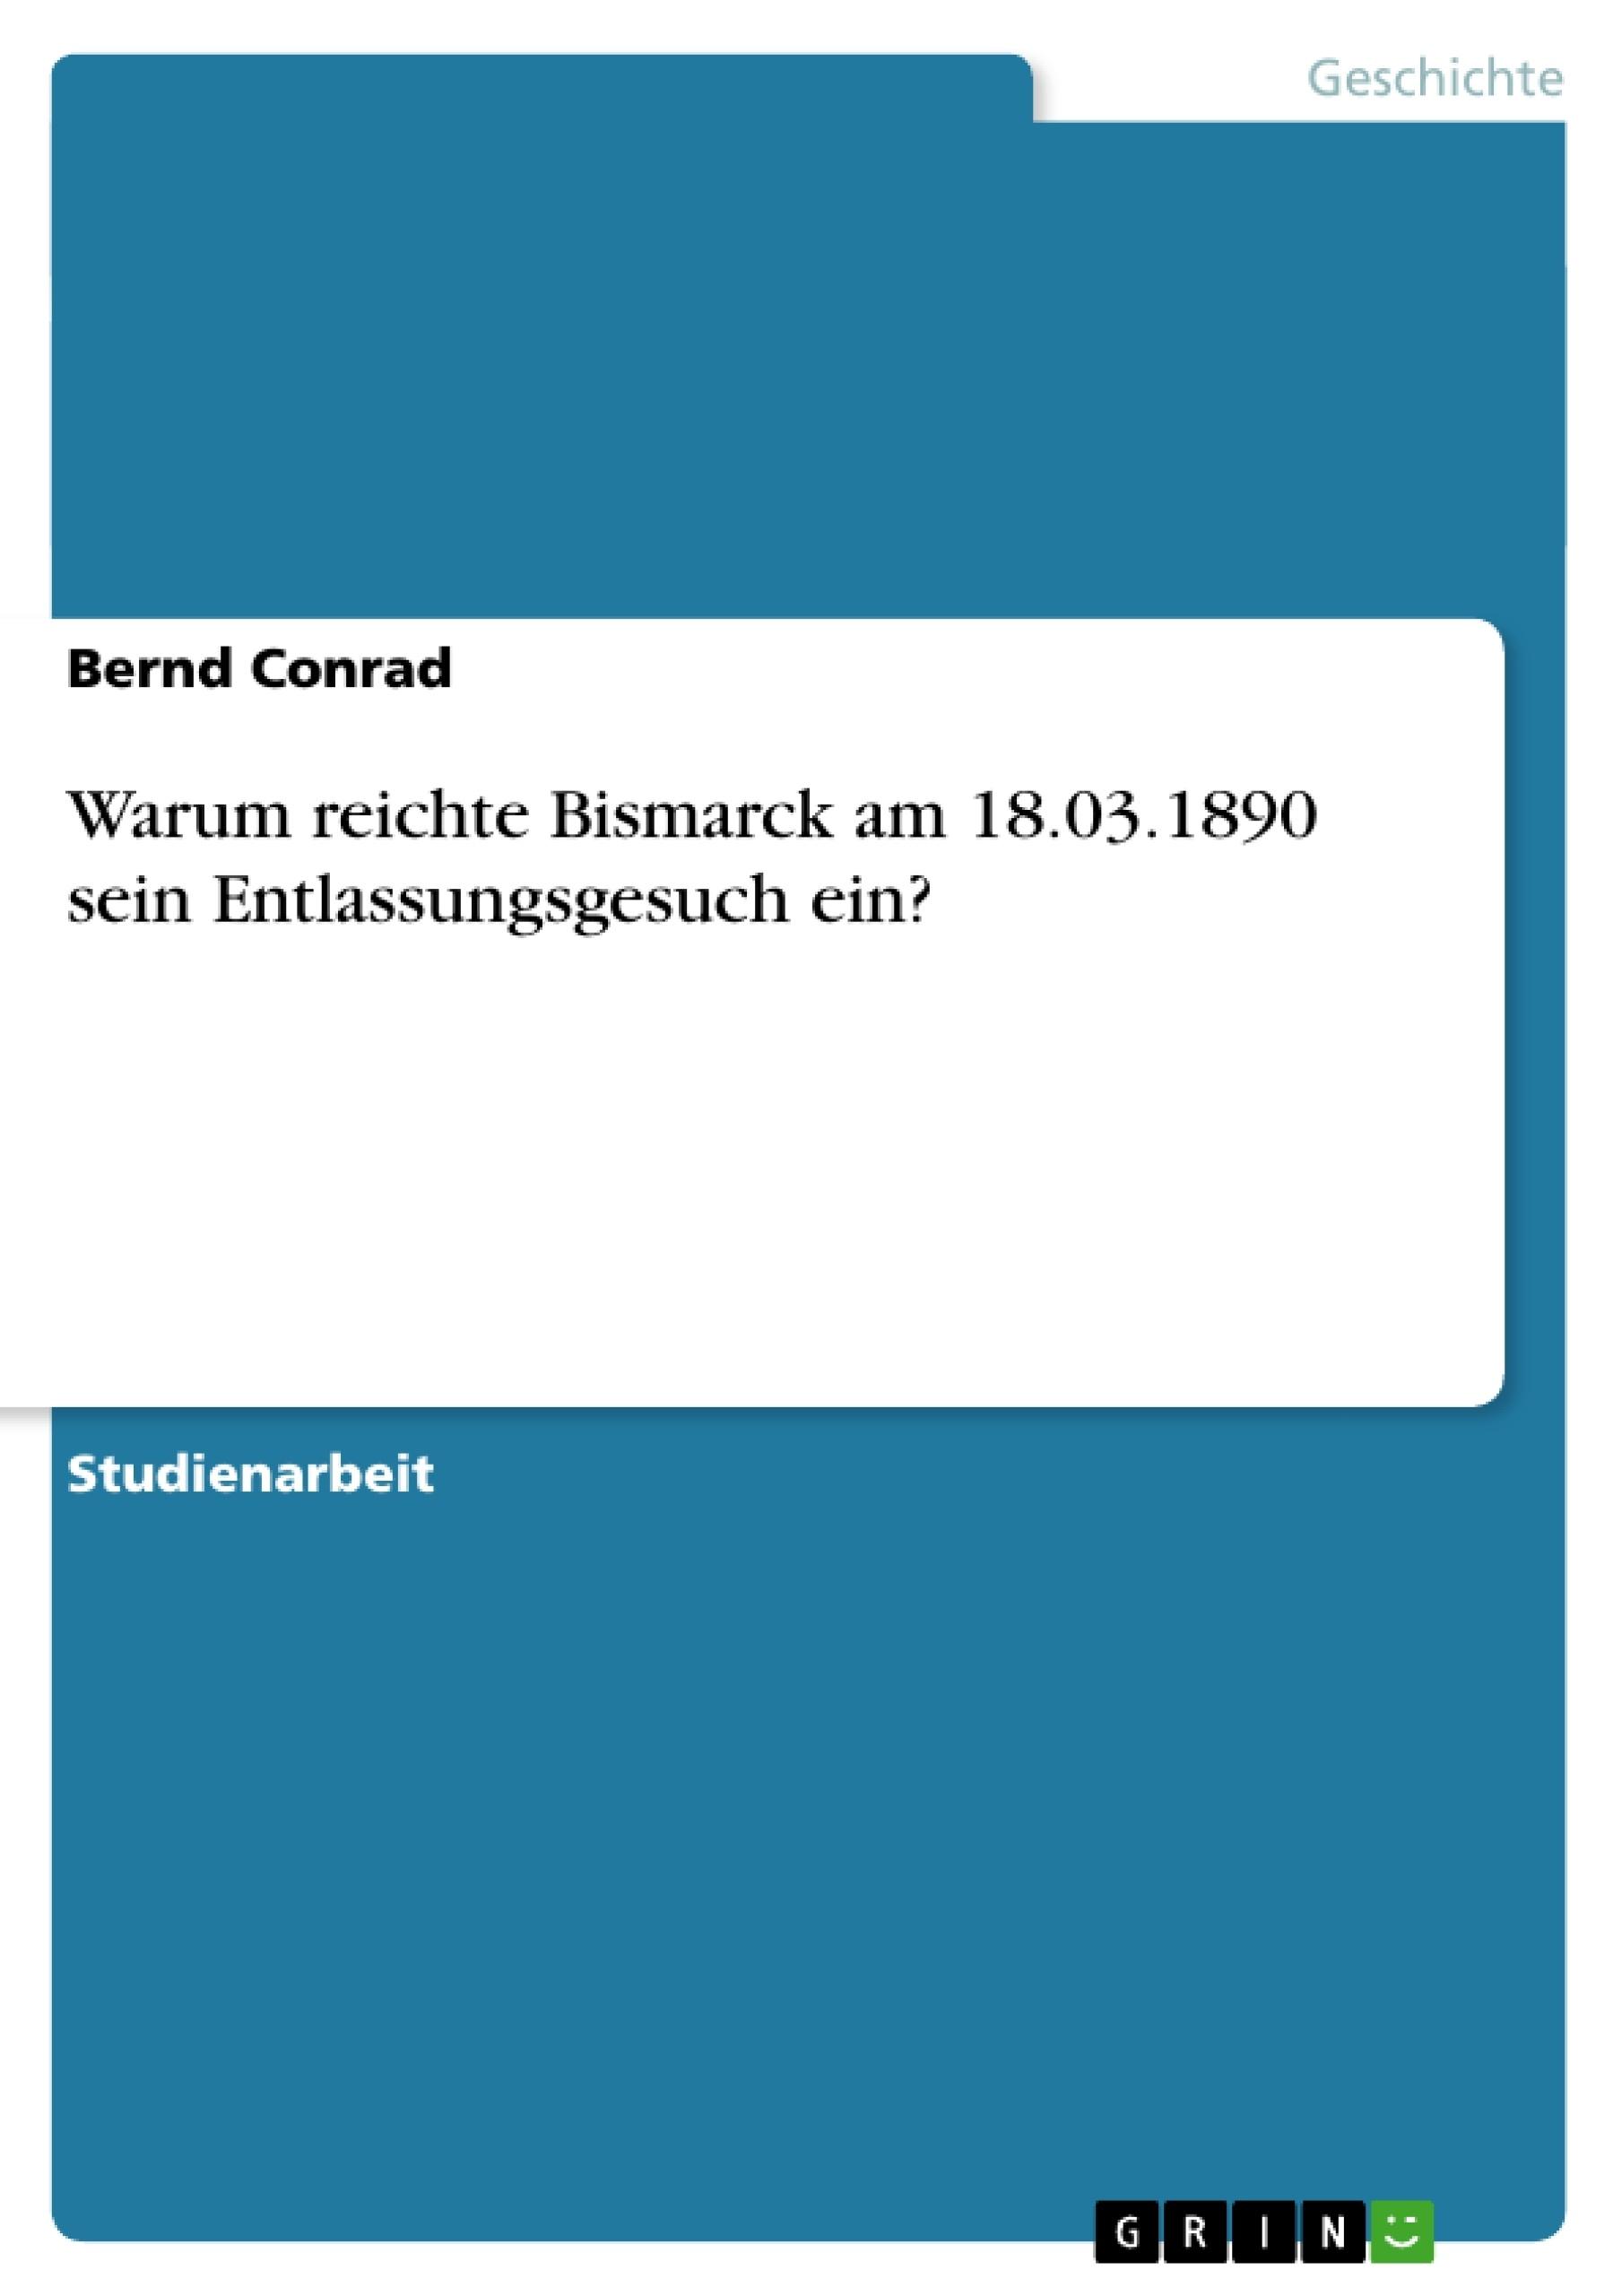 Titel: Warum reichte Bismarck am 18.03.1890 sein Entlassungsgesuch ein?